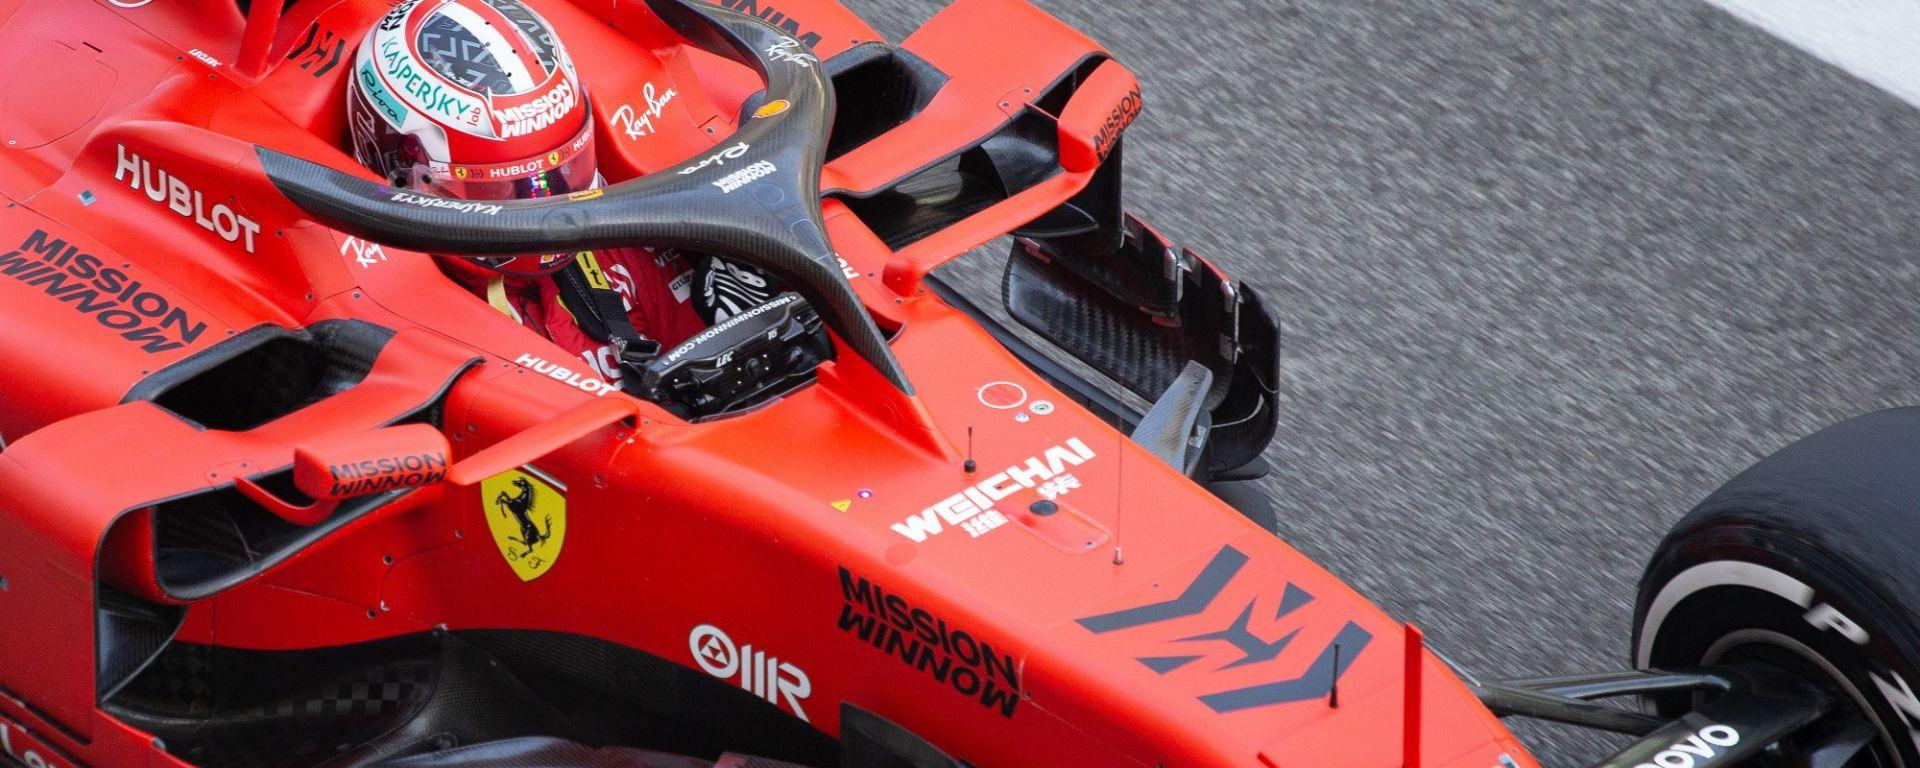 La Ferrari di Charles Leclerc durante i test di Abu Dhabi 2019